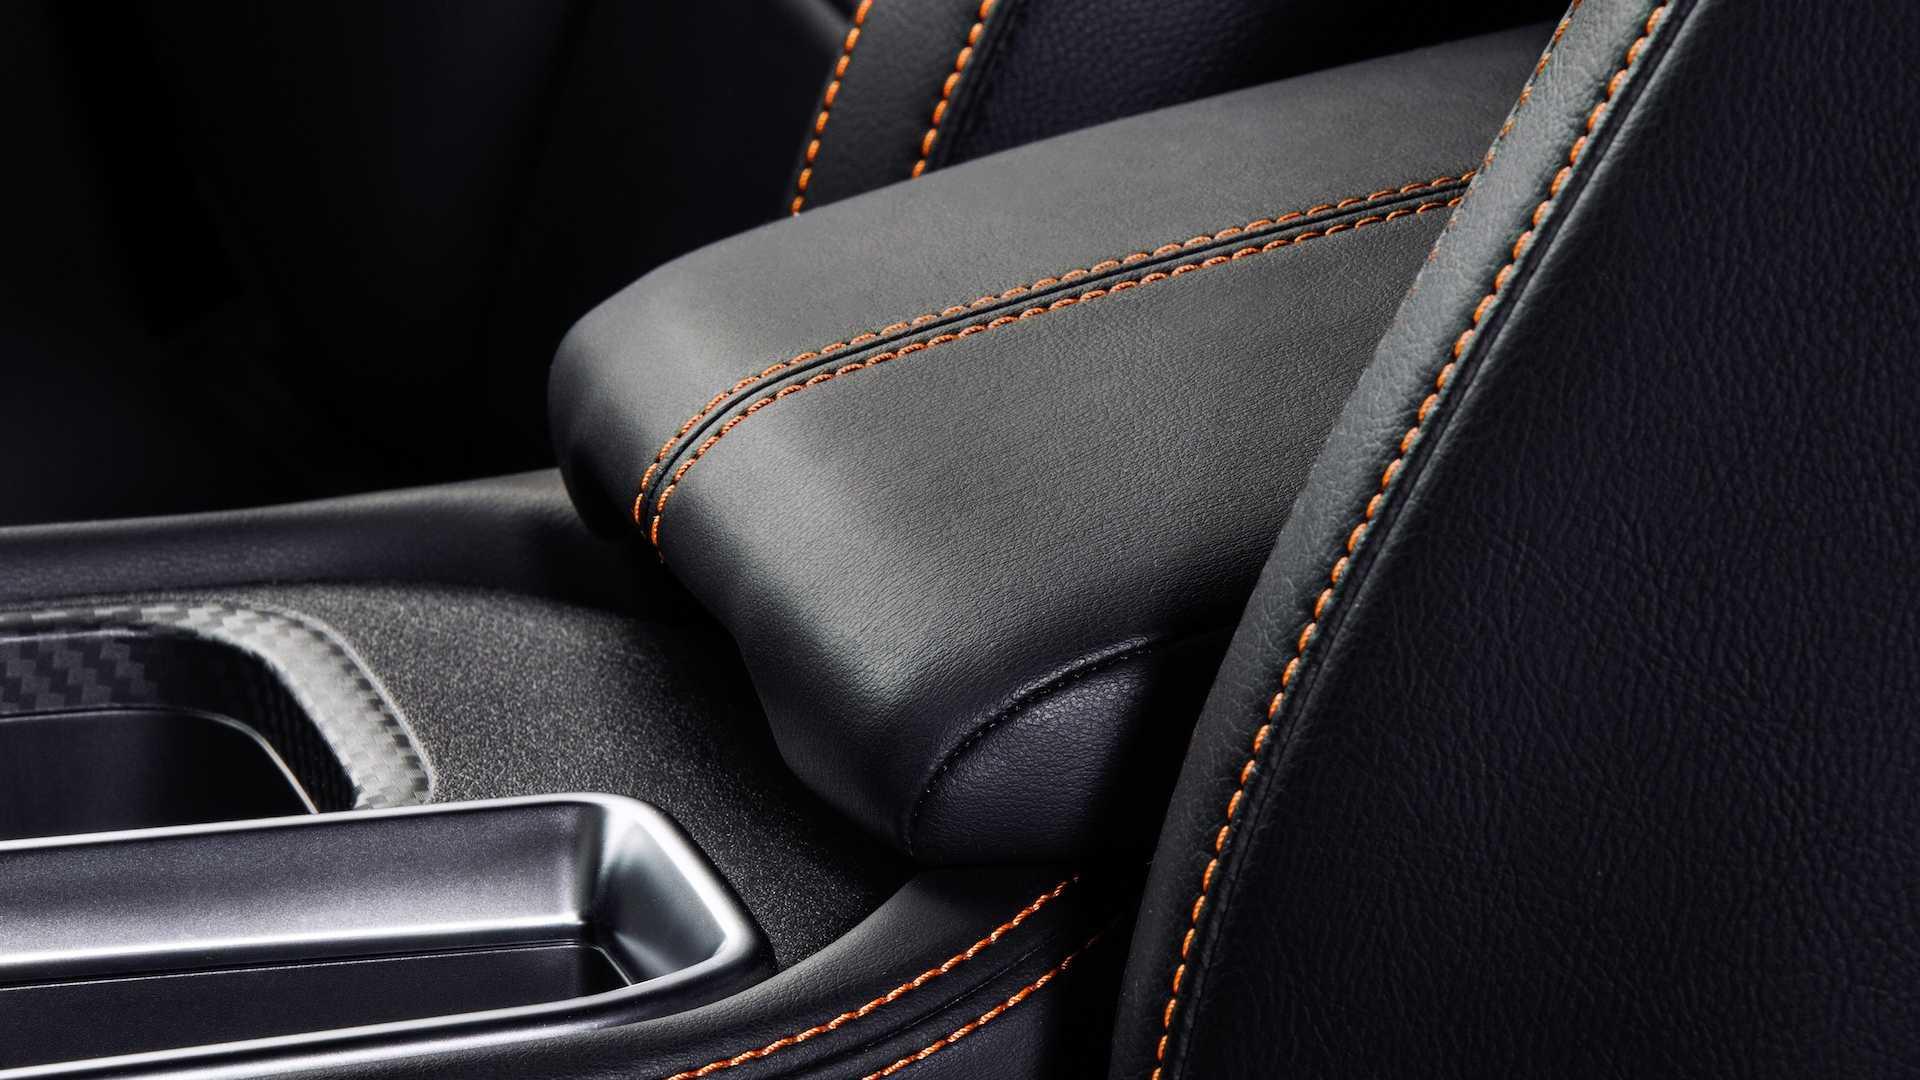 Nissan Sentra thế hệ mới đối đầu trực tiếp với Honda Civic hay Mazda3 - 7